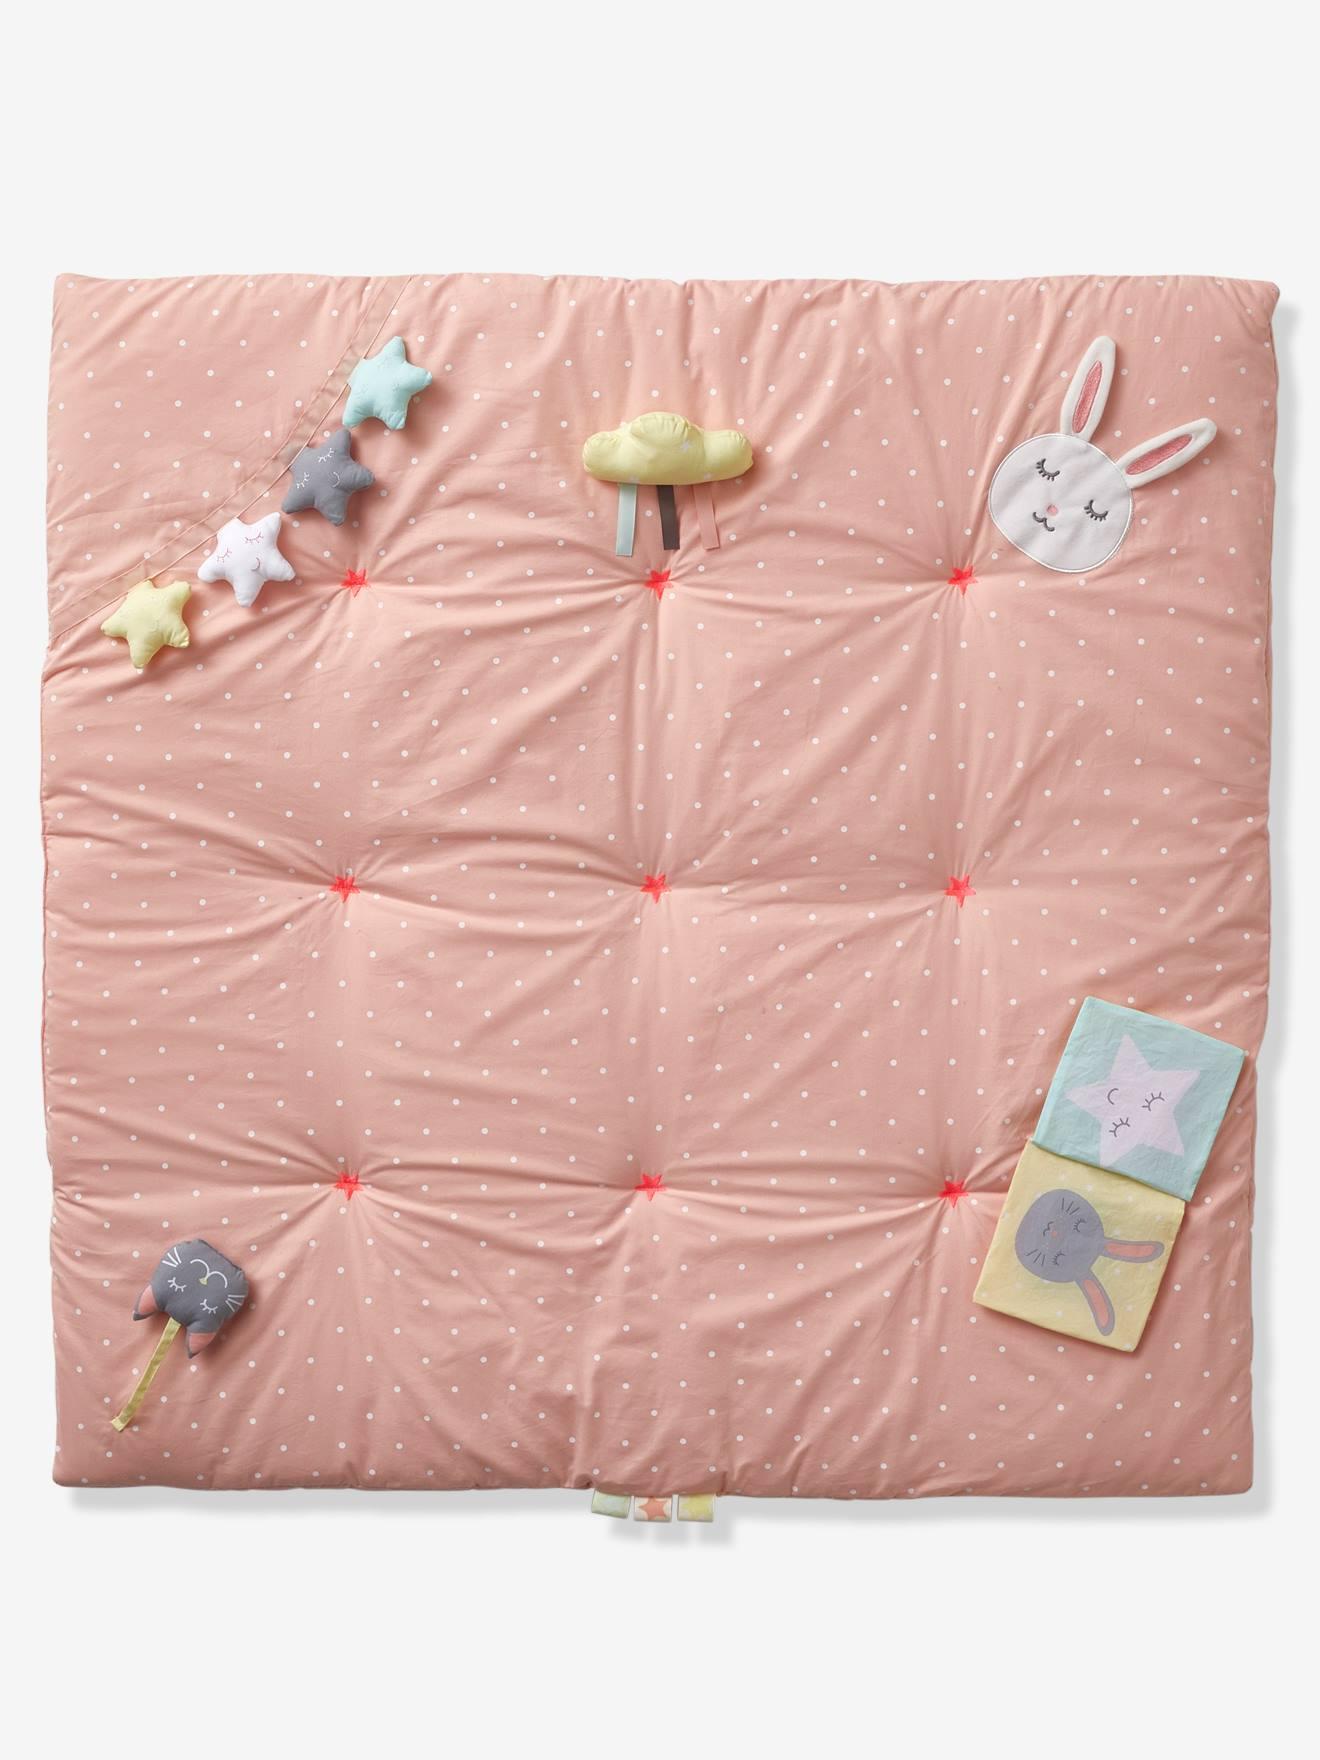 tapis d eveil souple sans arche sweet fun rose imprime